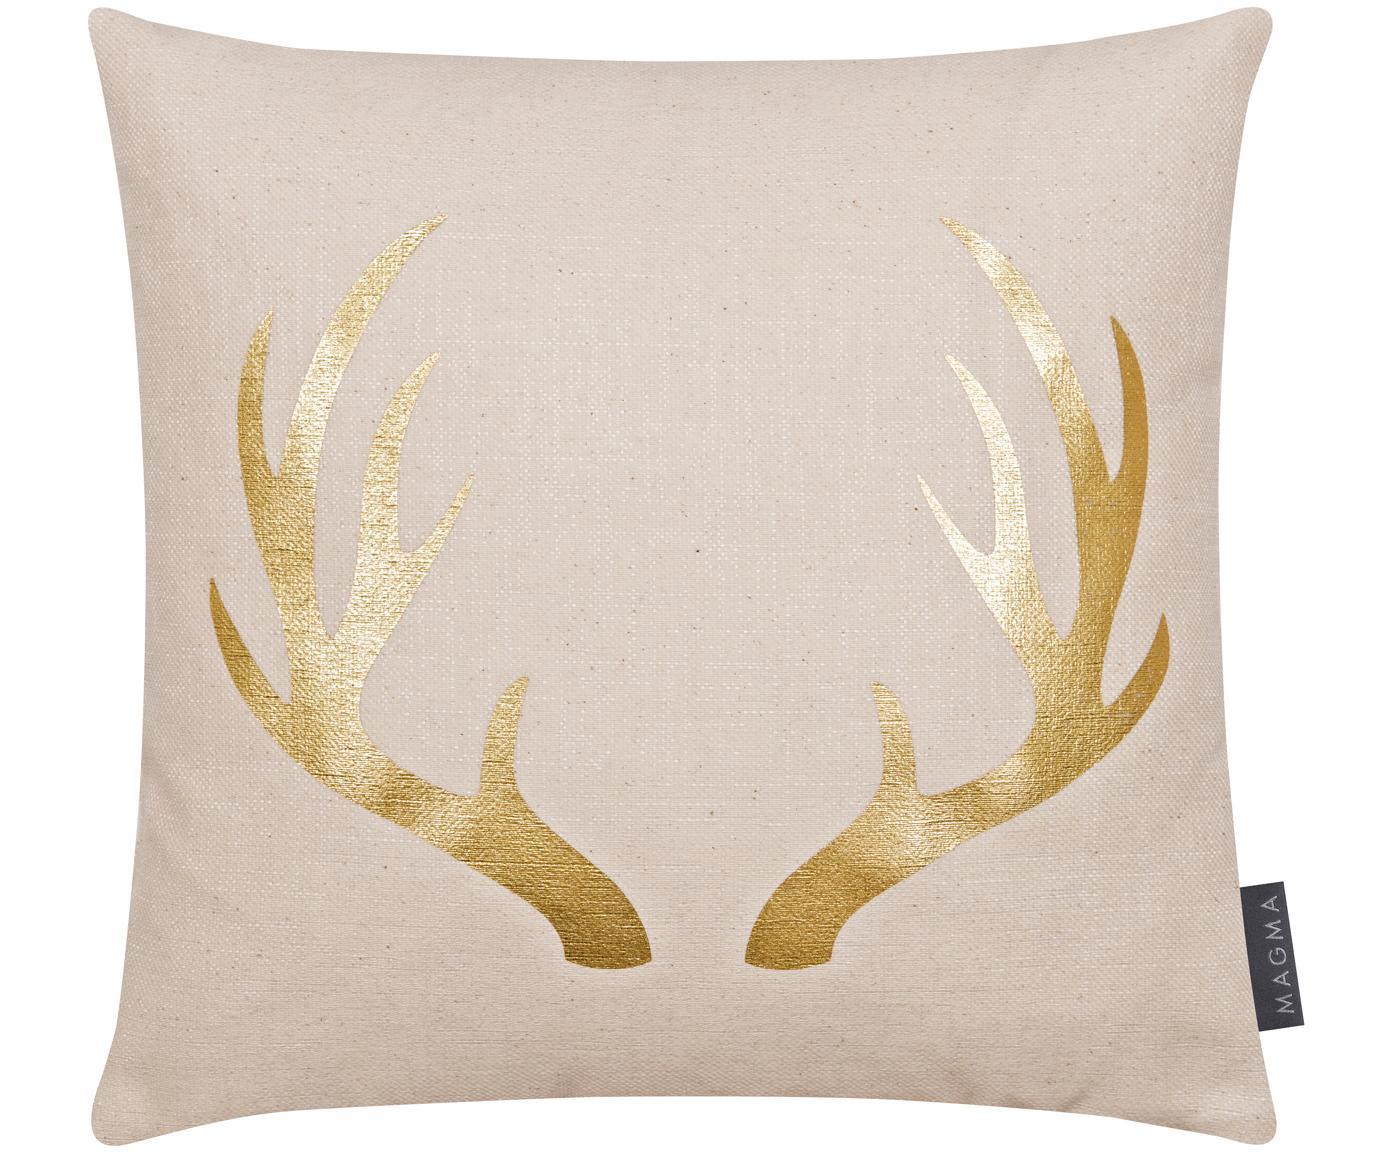 Federa arredo natalizia con motivo di corna Goldwert, 55% cotone, 45% poliestere, Beige, dorato, Larg. 40 x Lung. 40 cm